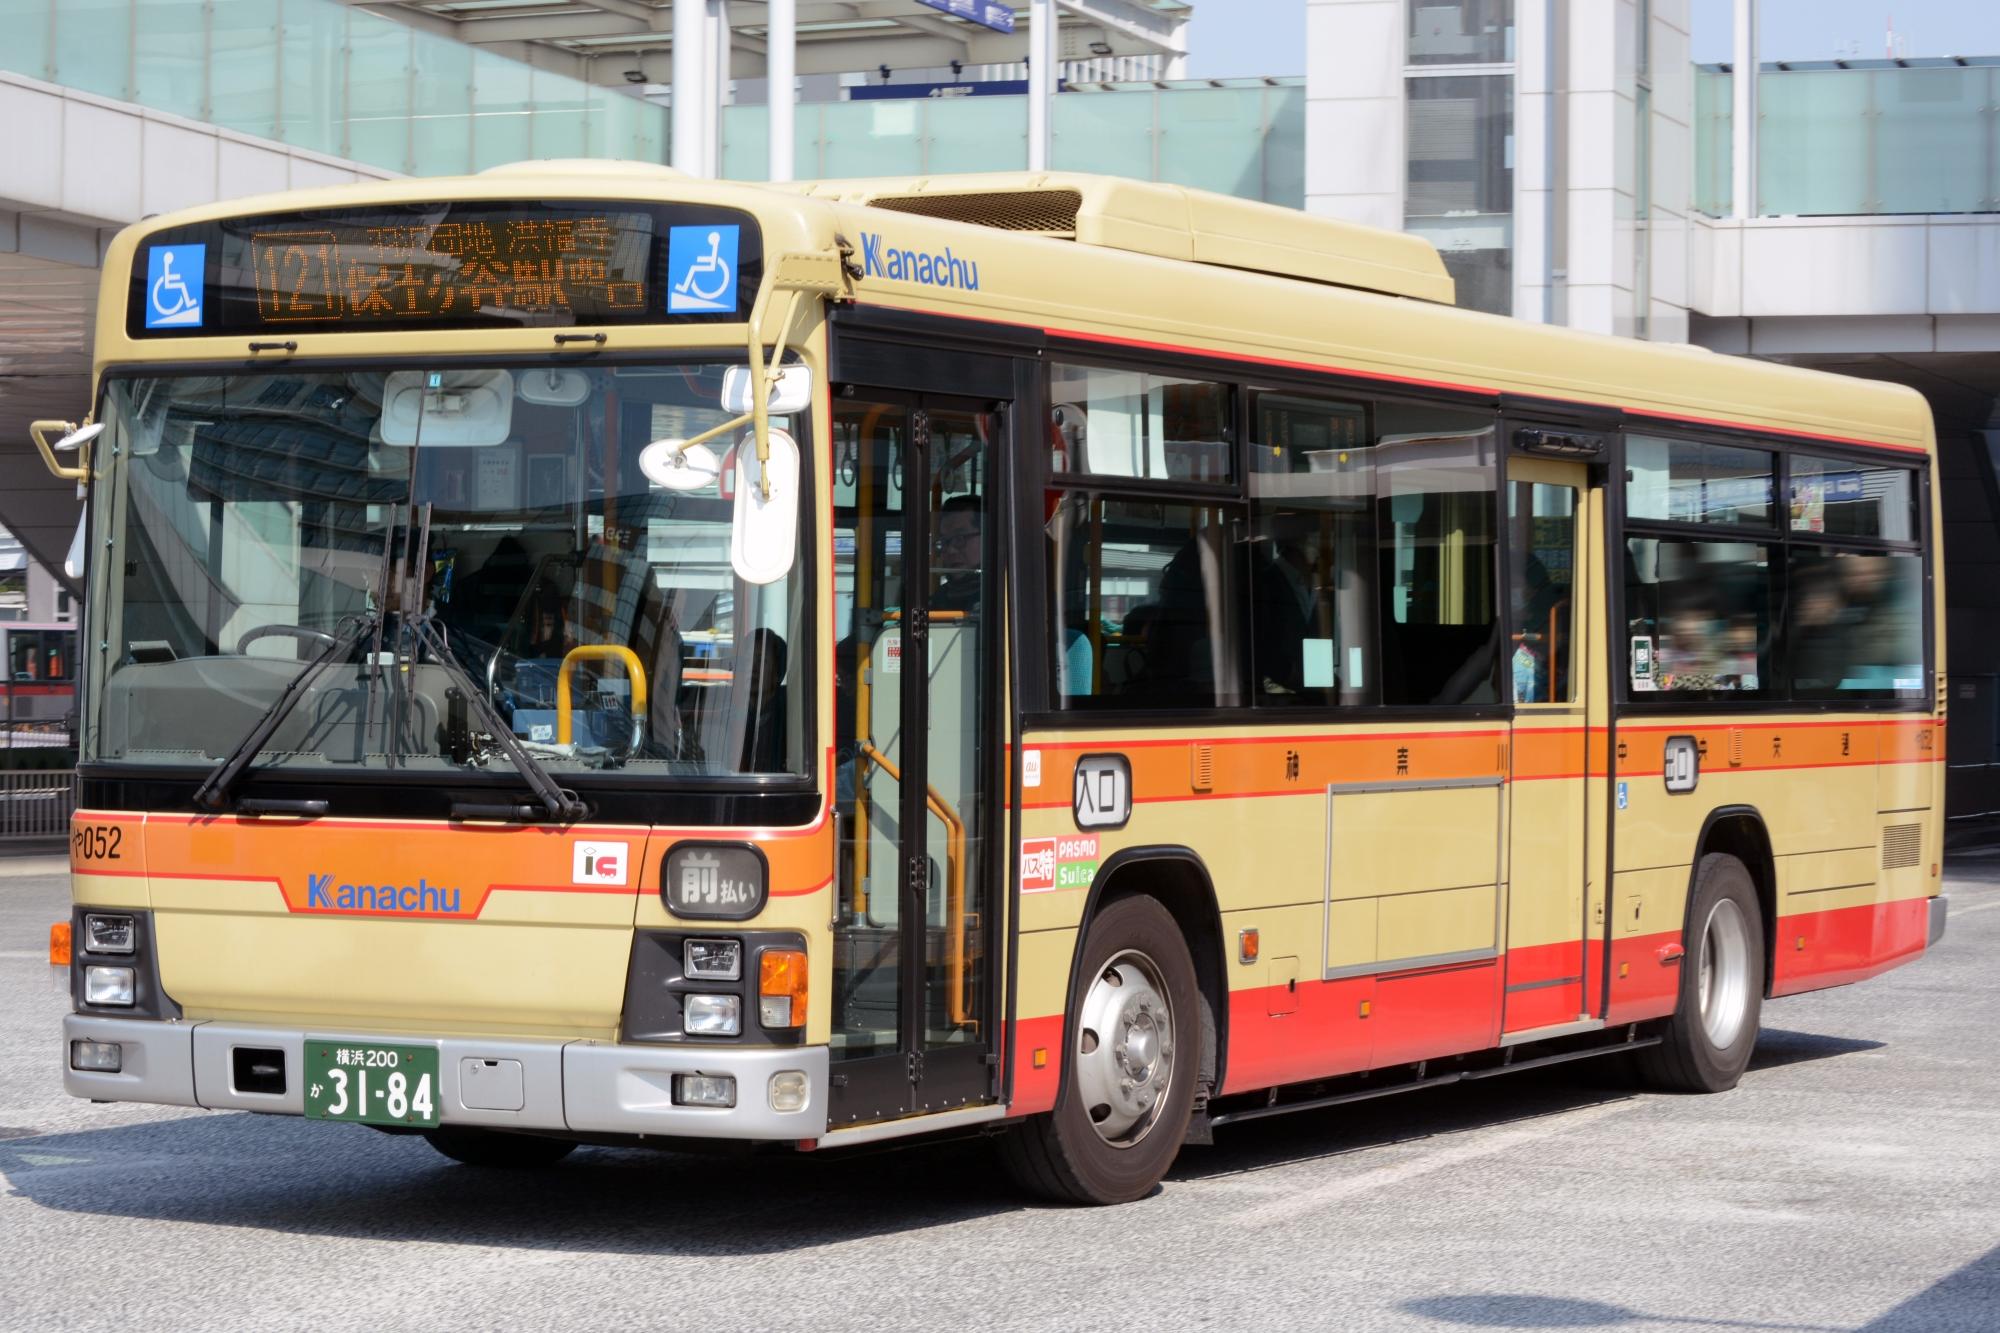 神奈川 中央 交通 定期 神奈川中央交通